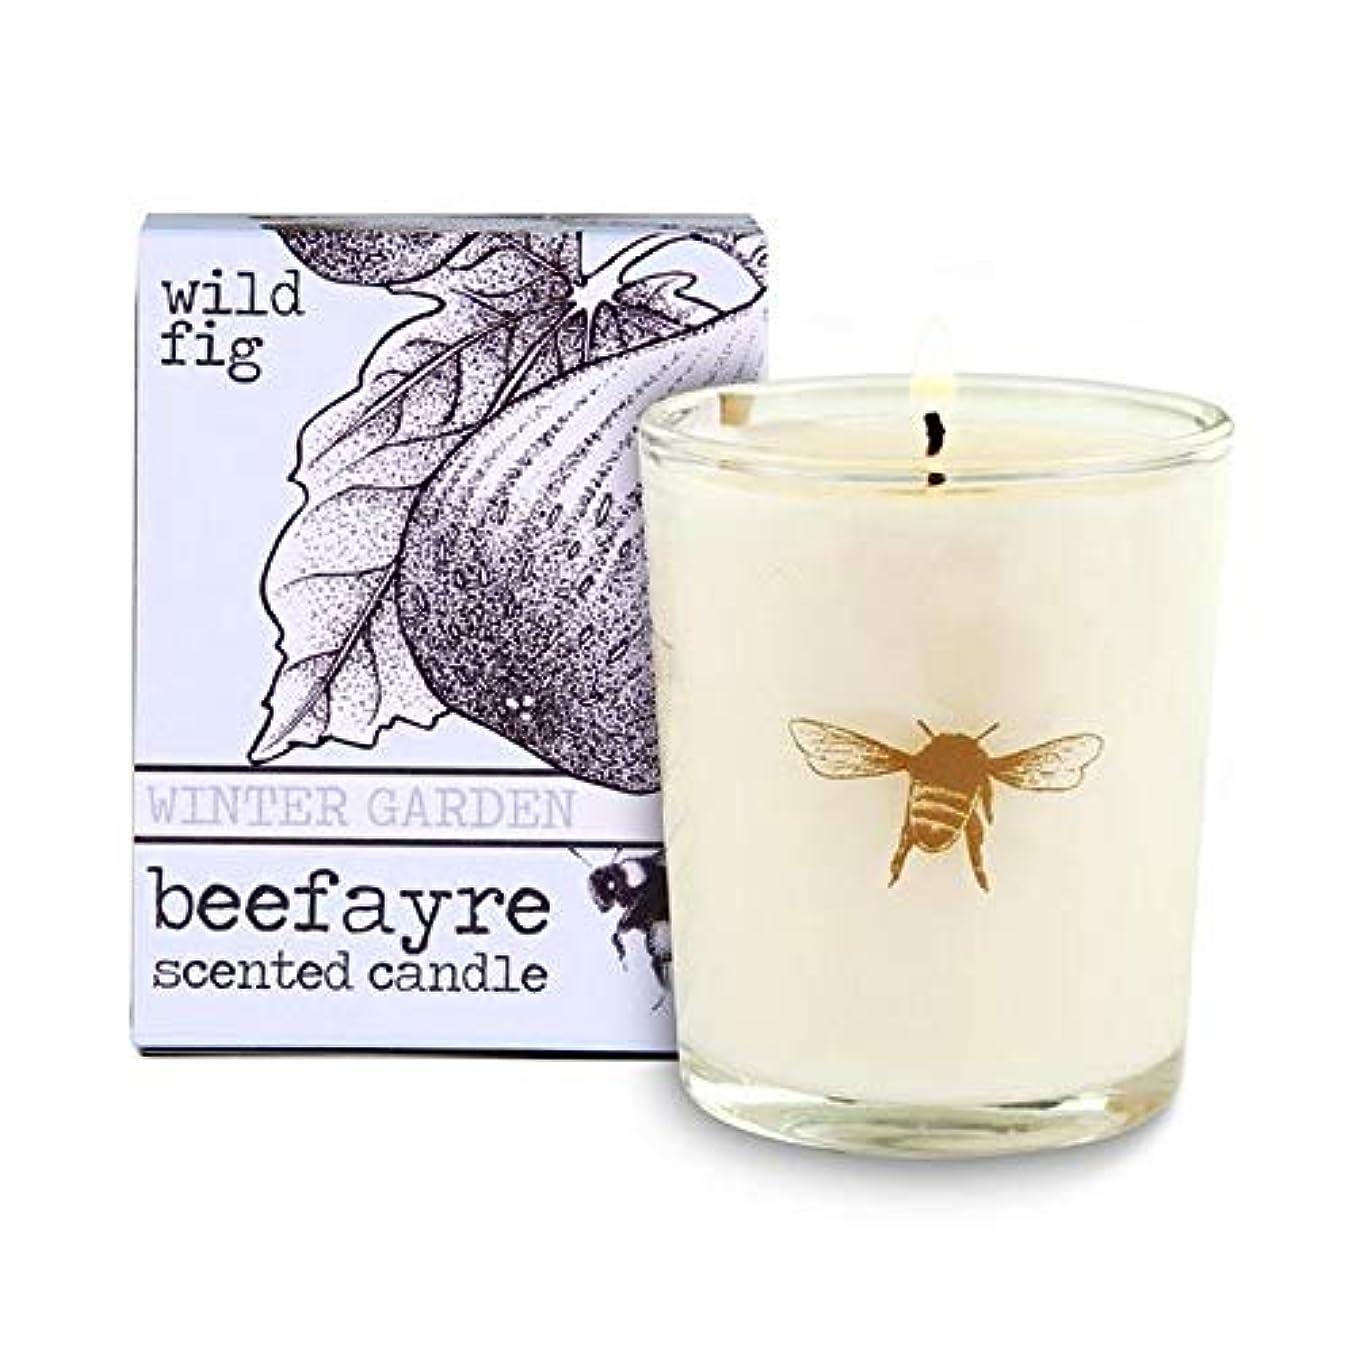 狂信者タイト階下[Beefayre] 野生のイチジク小さな香りのキャンドルBeefayre - Beefayre Wild Fig Small Scented Candle [並行輸入品]